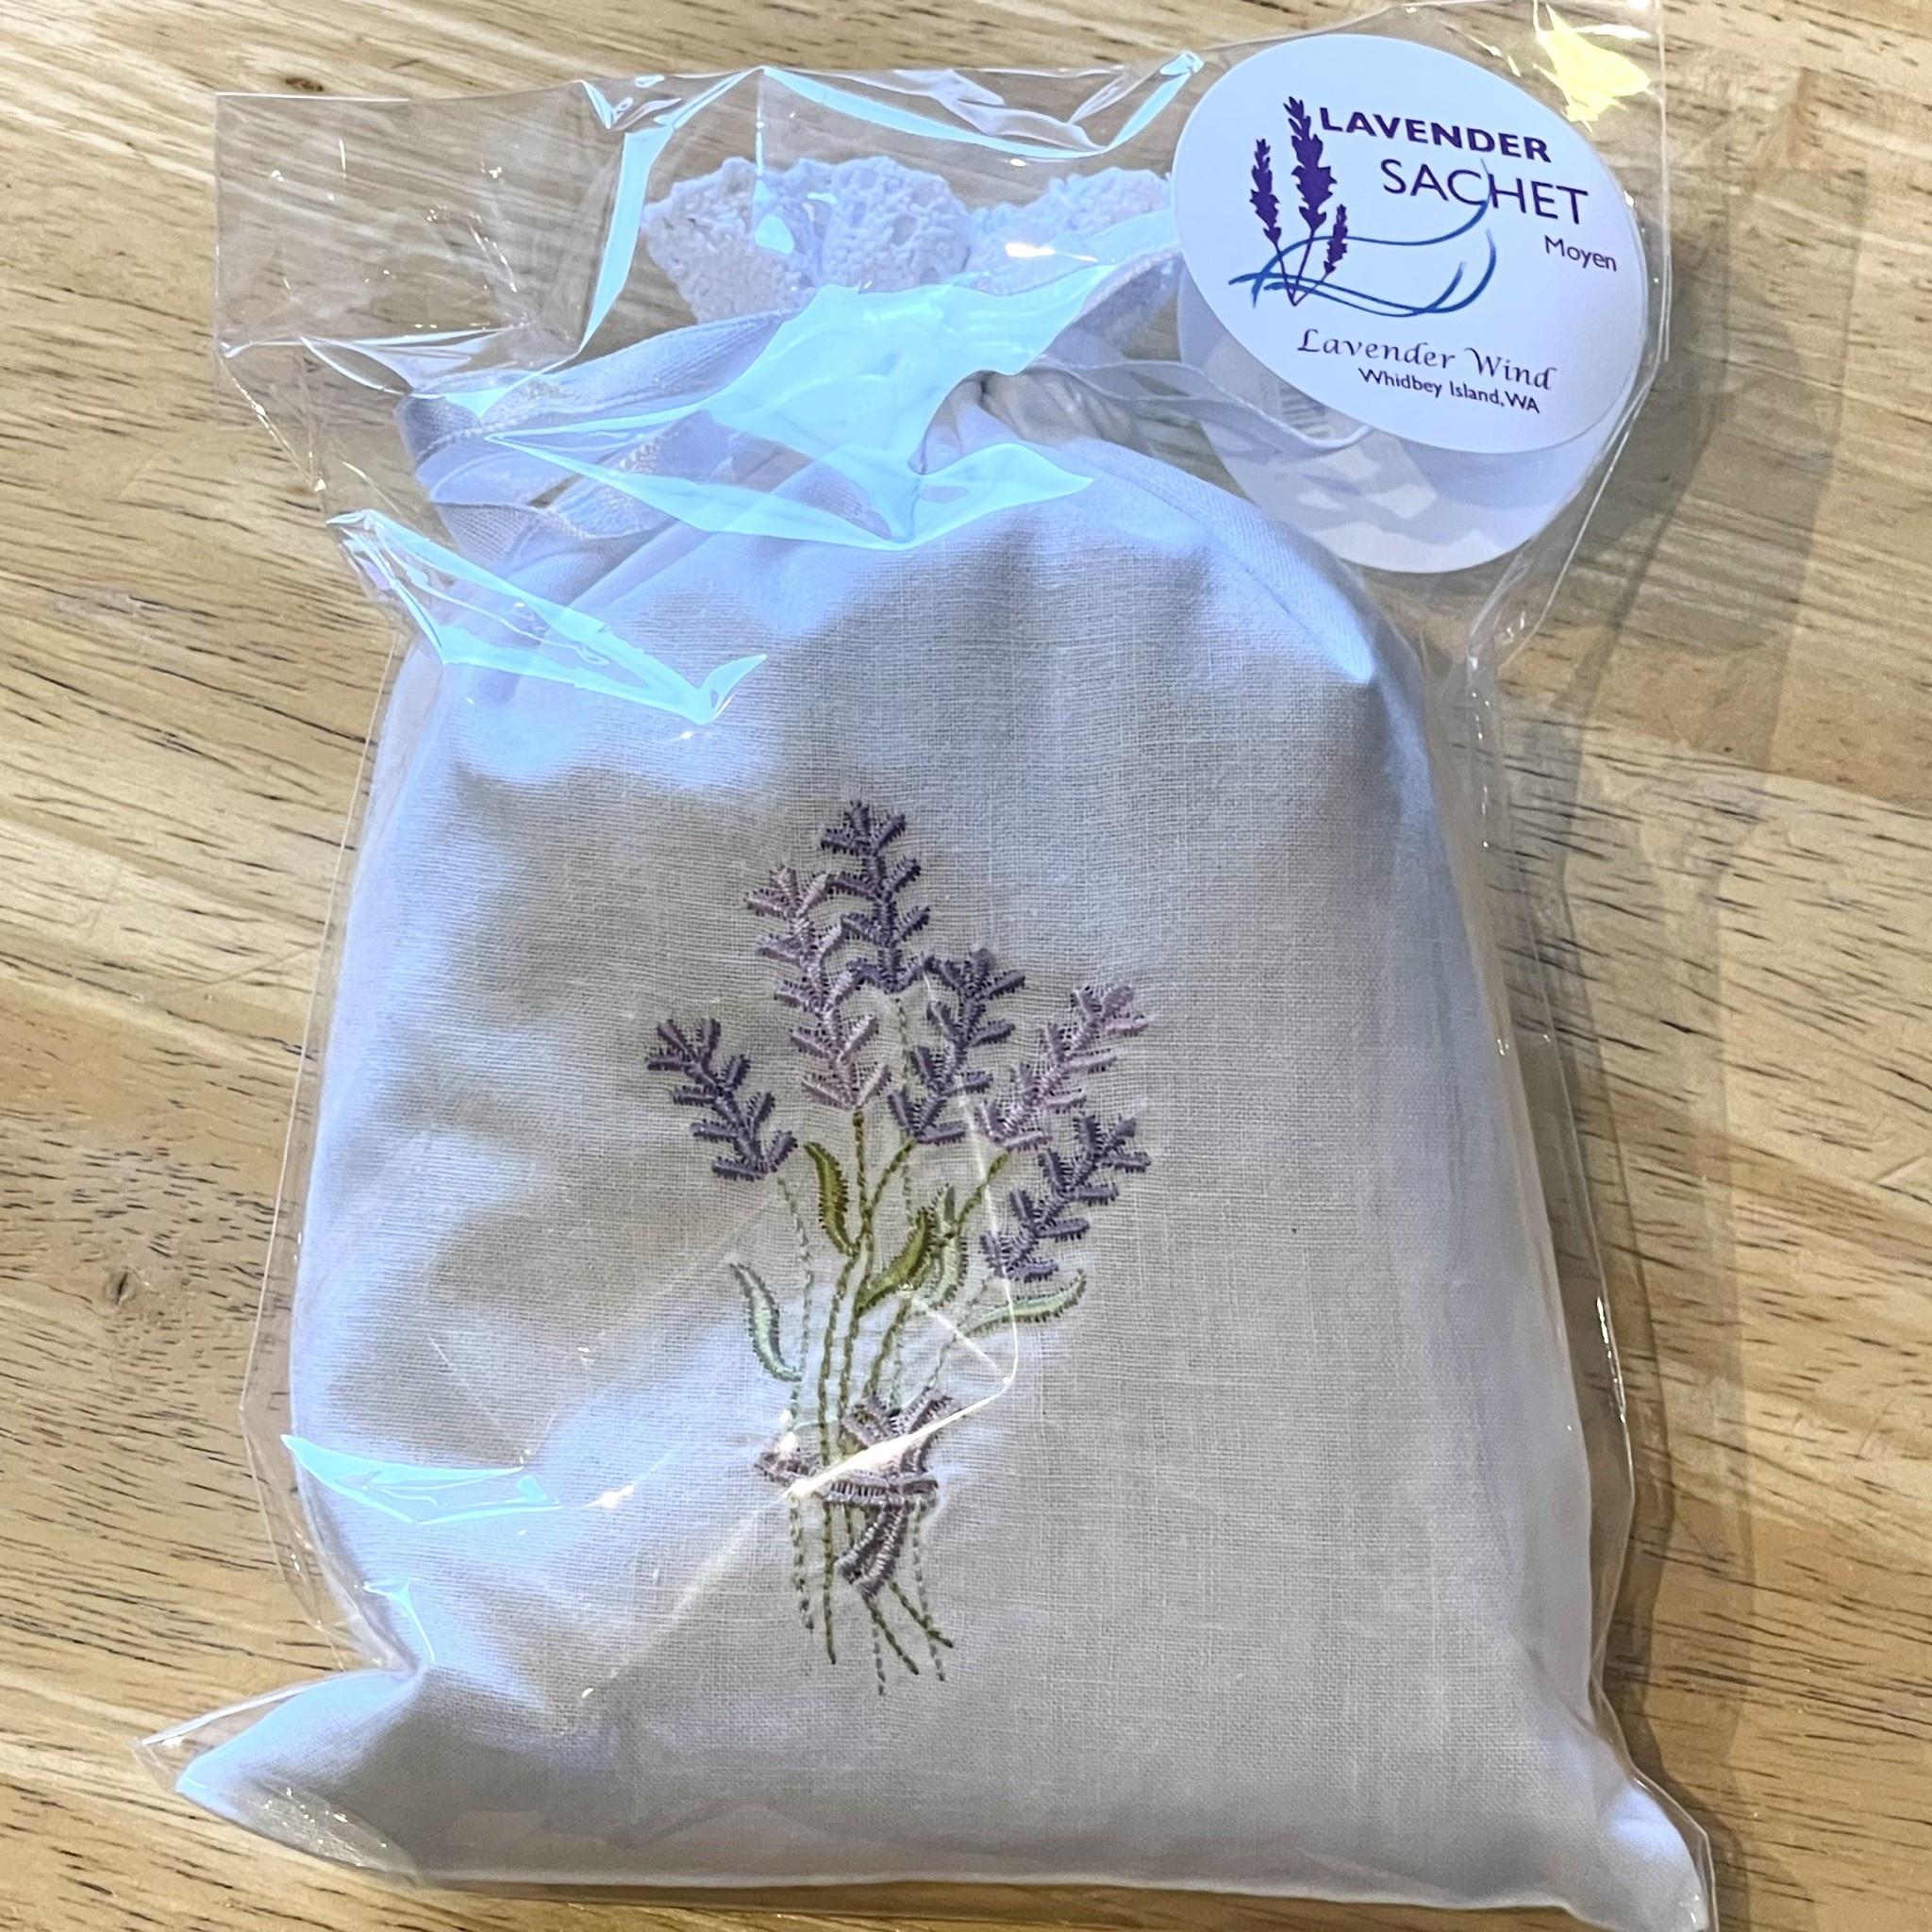 Sachet, Lav Embroidered, Moyen Regular-1